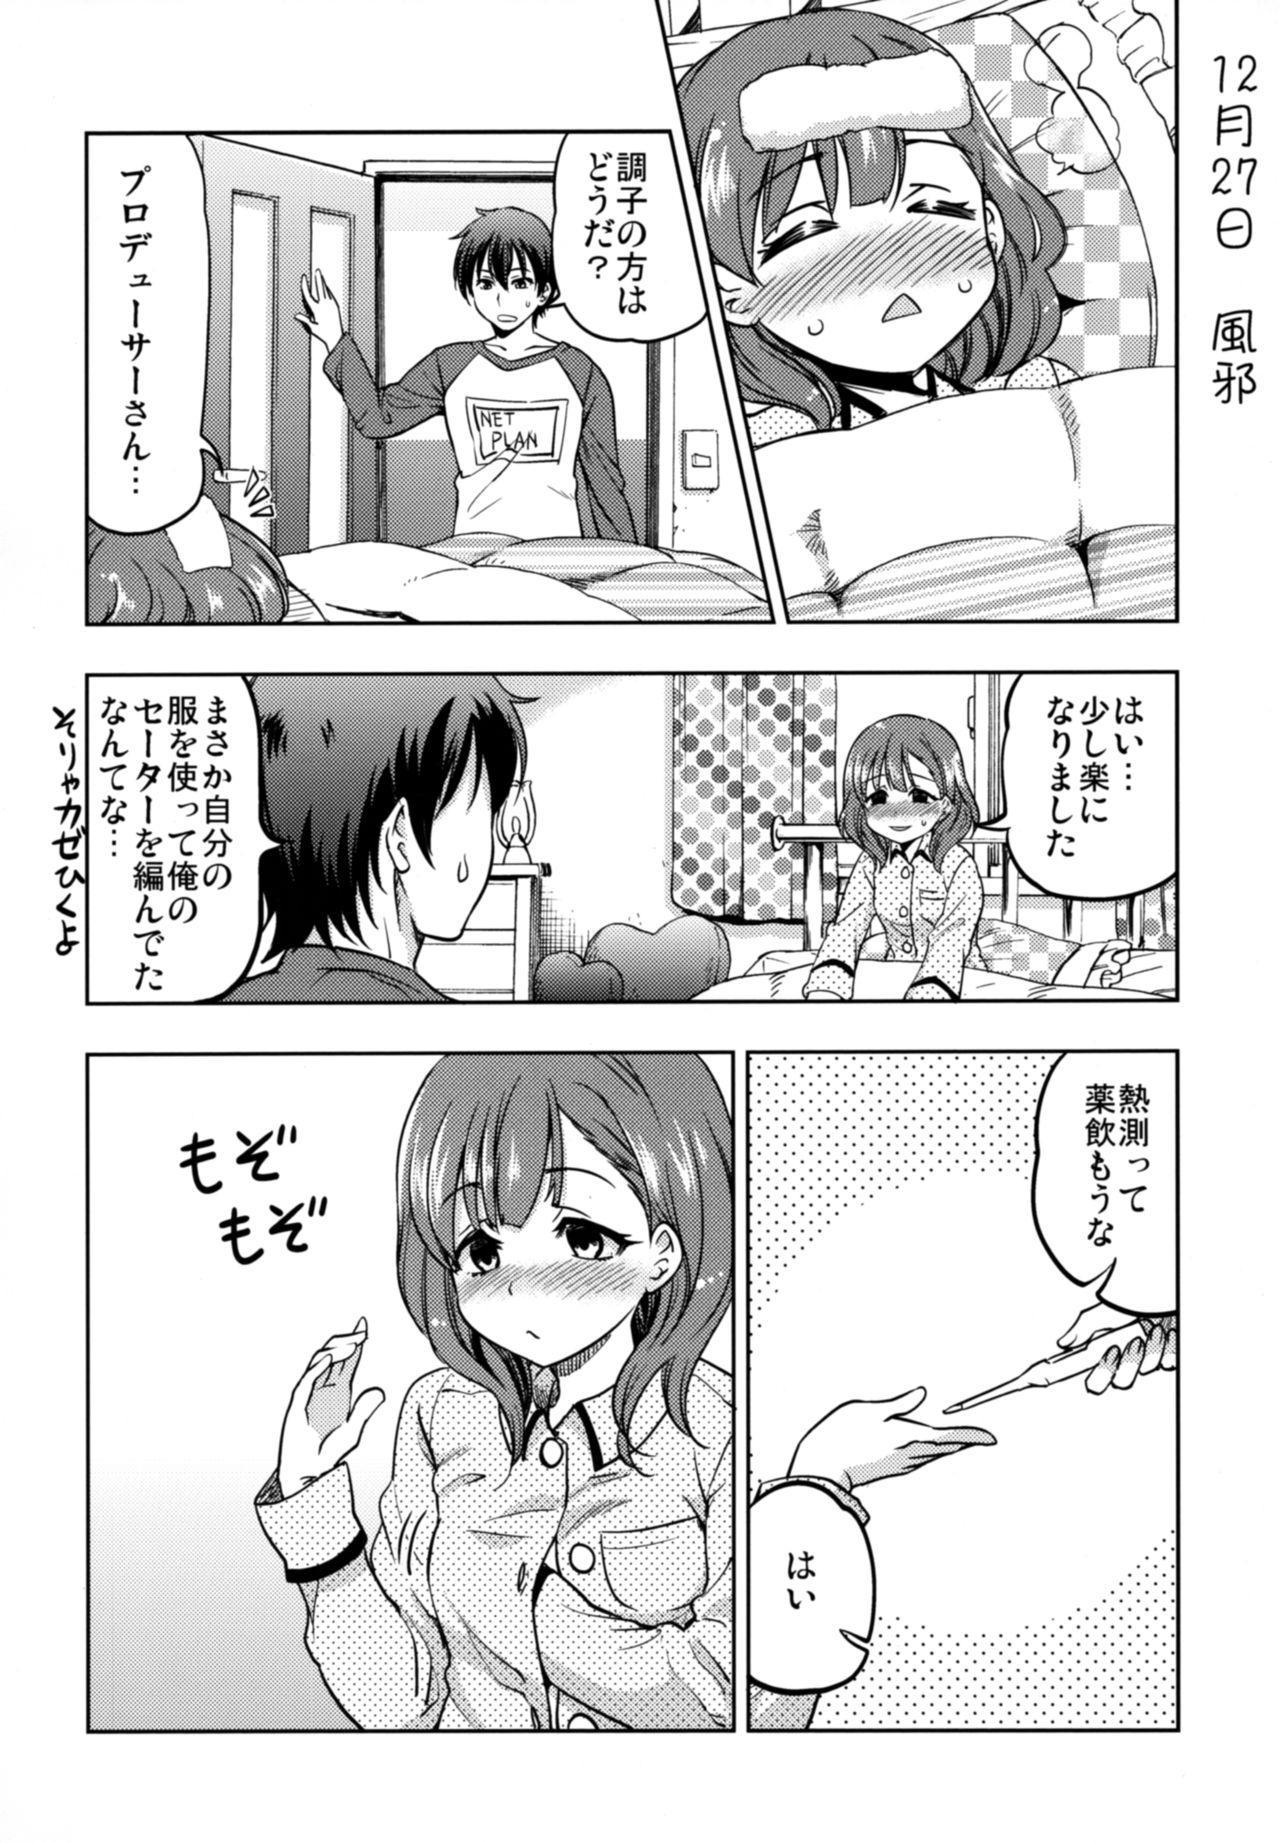 Shiawase na Ketsumatsu 10